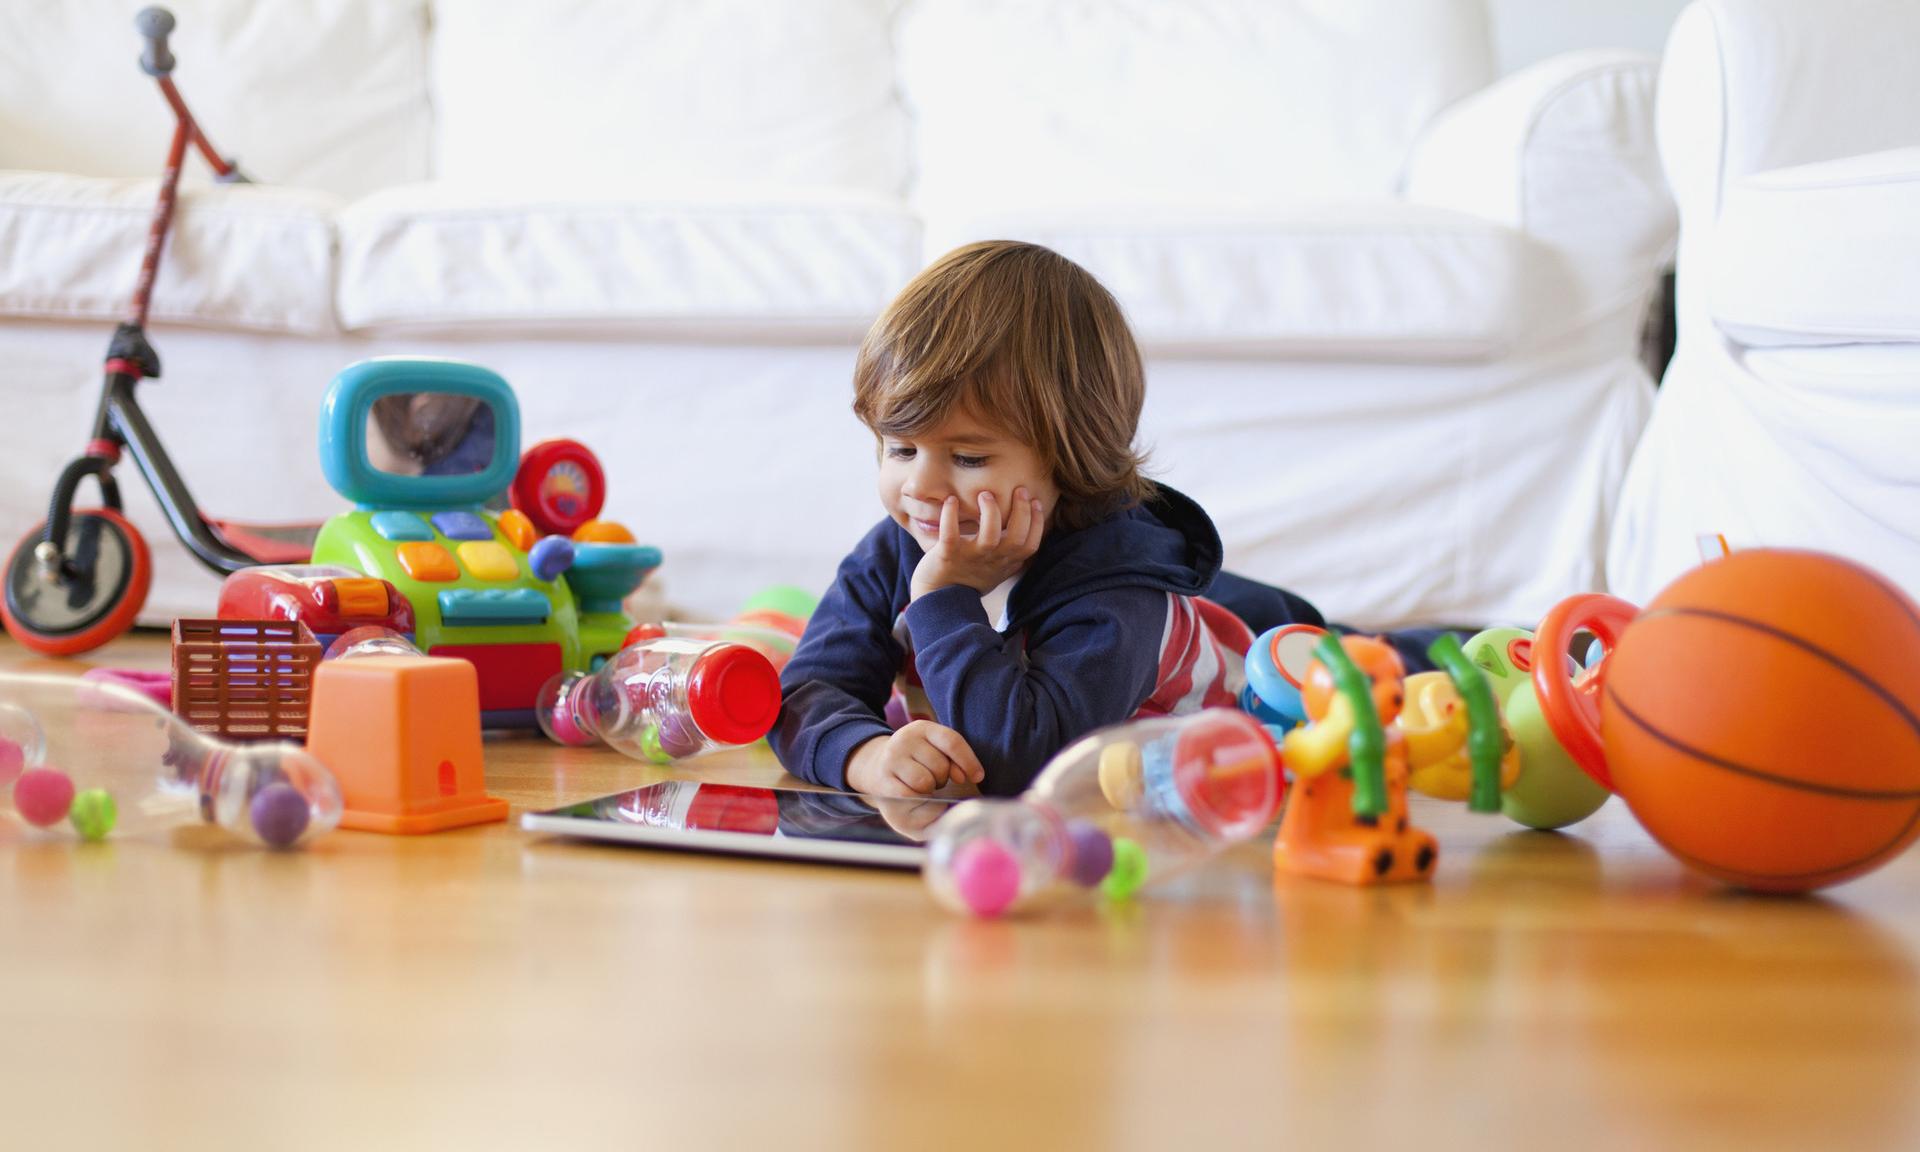 Сколько игрушек на самом деле нужно ребенку для счастья